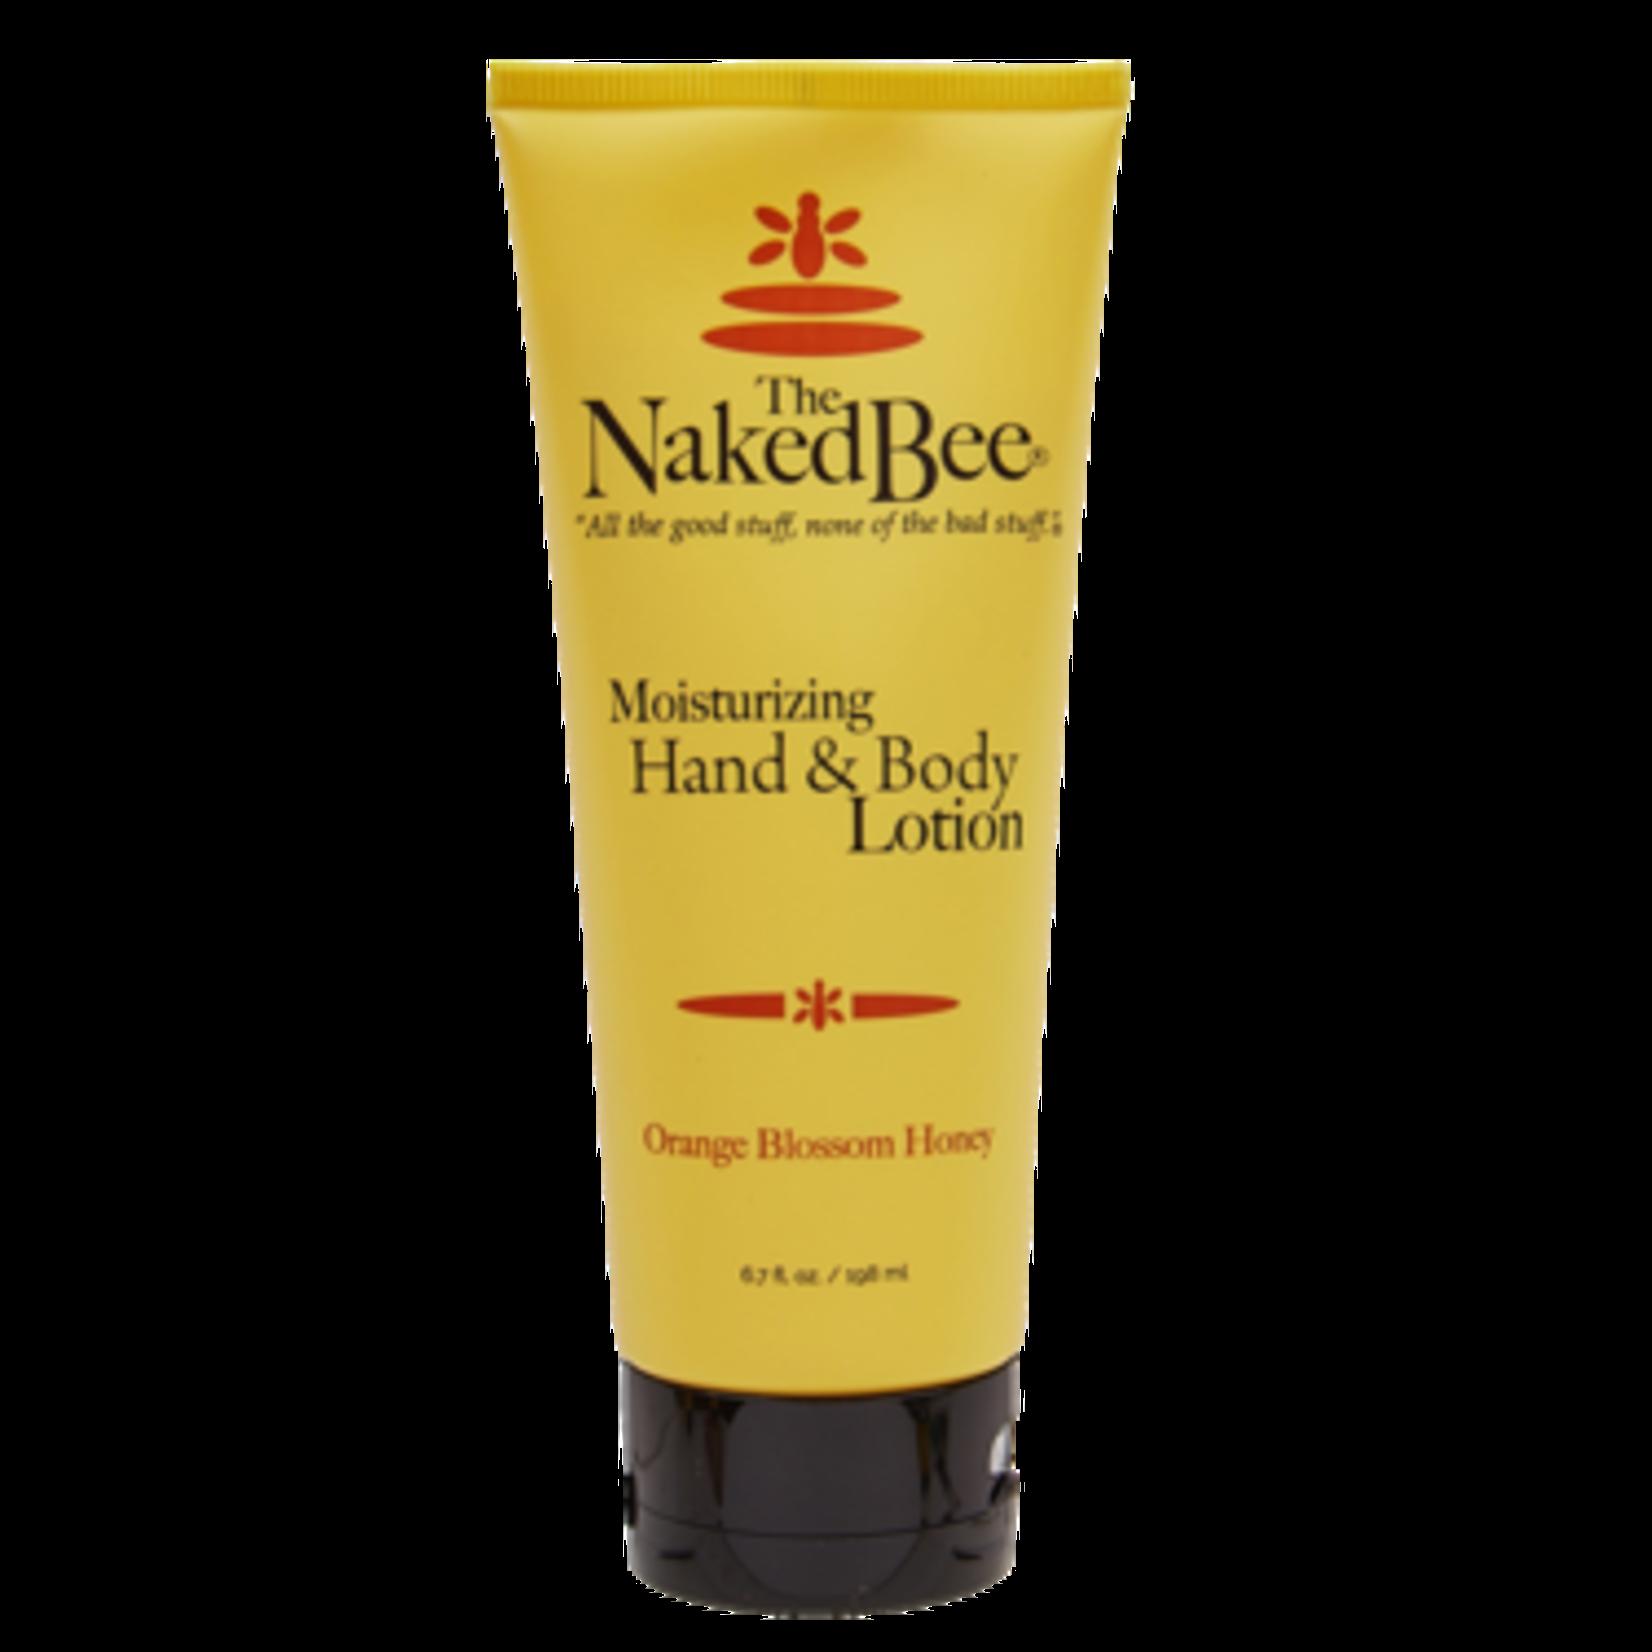 Naked Bee ORANGE BLOSSOM HONEY HAND & BODY LOTION